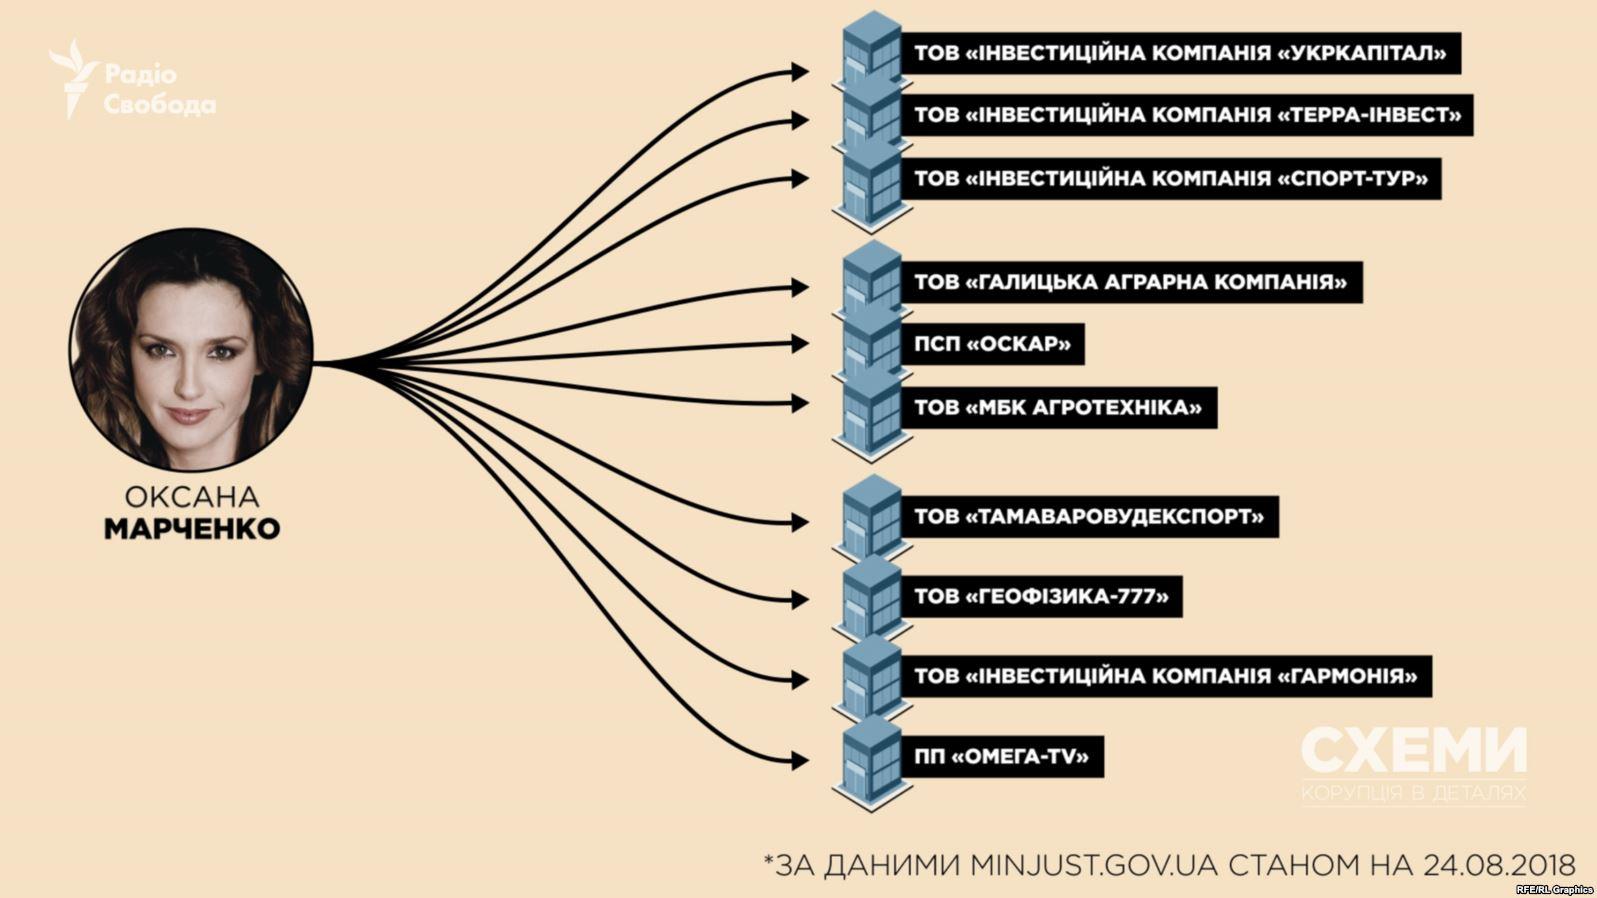 6C6F4A49 387D 465C 88F3 F85B5E732931 w1597 n r0 s - Дружина Медведчука має нафтовий бізнес у Росії – «Схеми» - Заборона